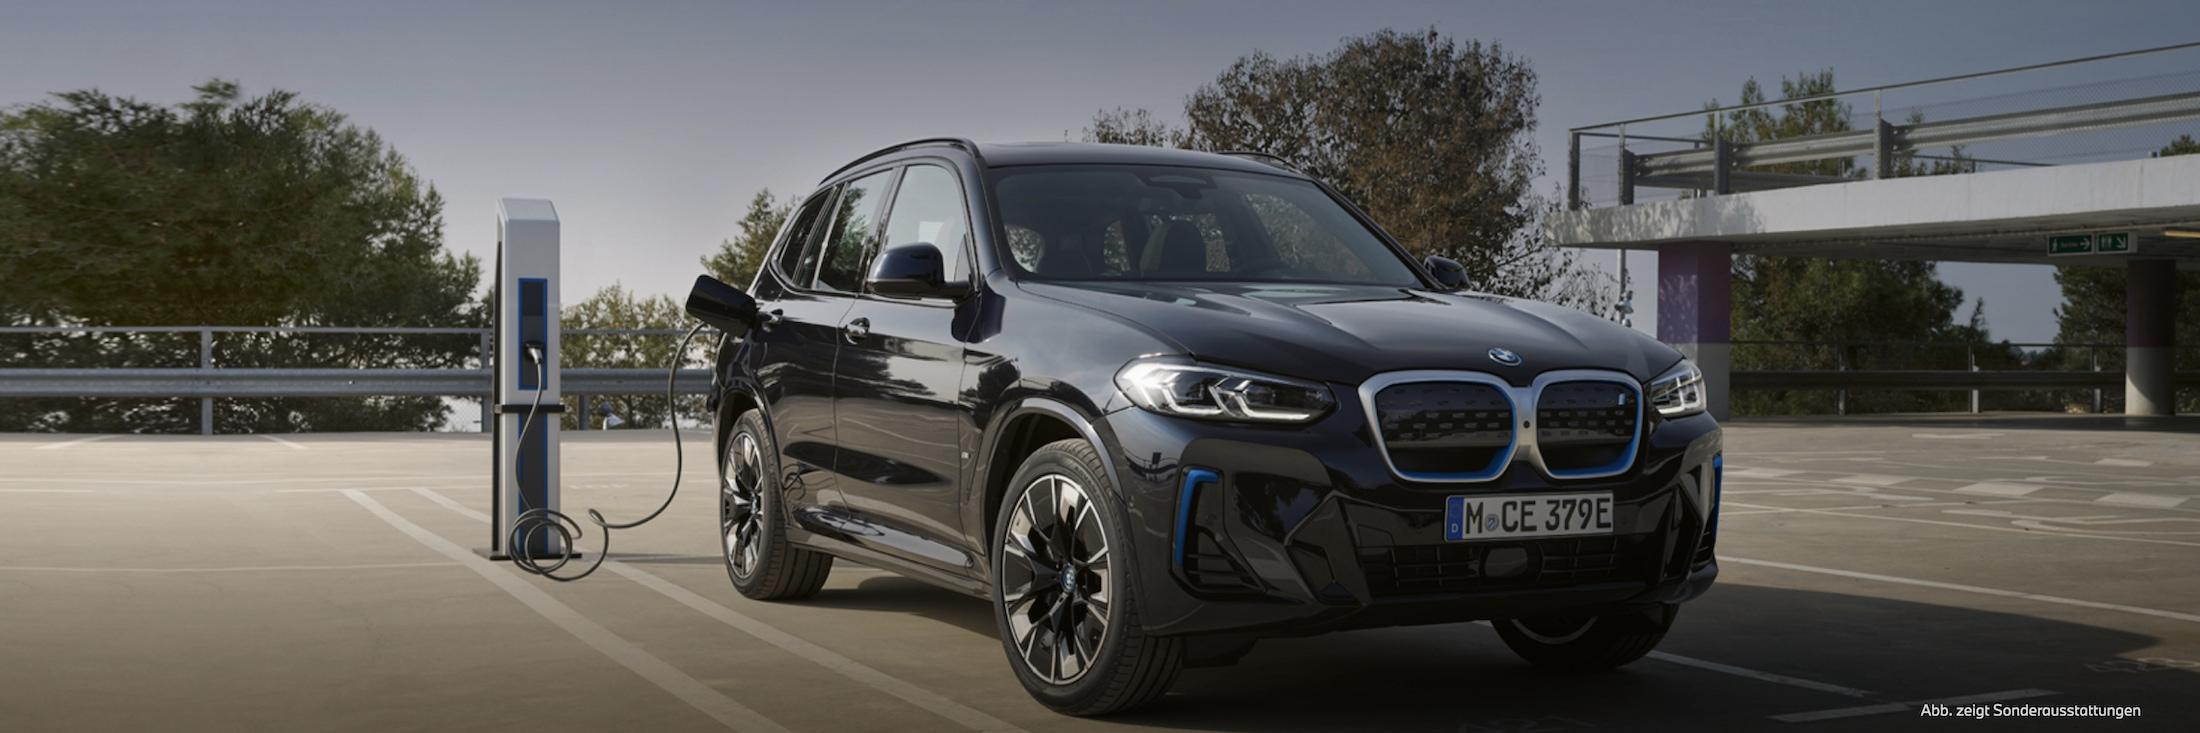 BMW VOGL BMW iX3 Neuwagen Angebot